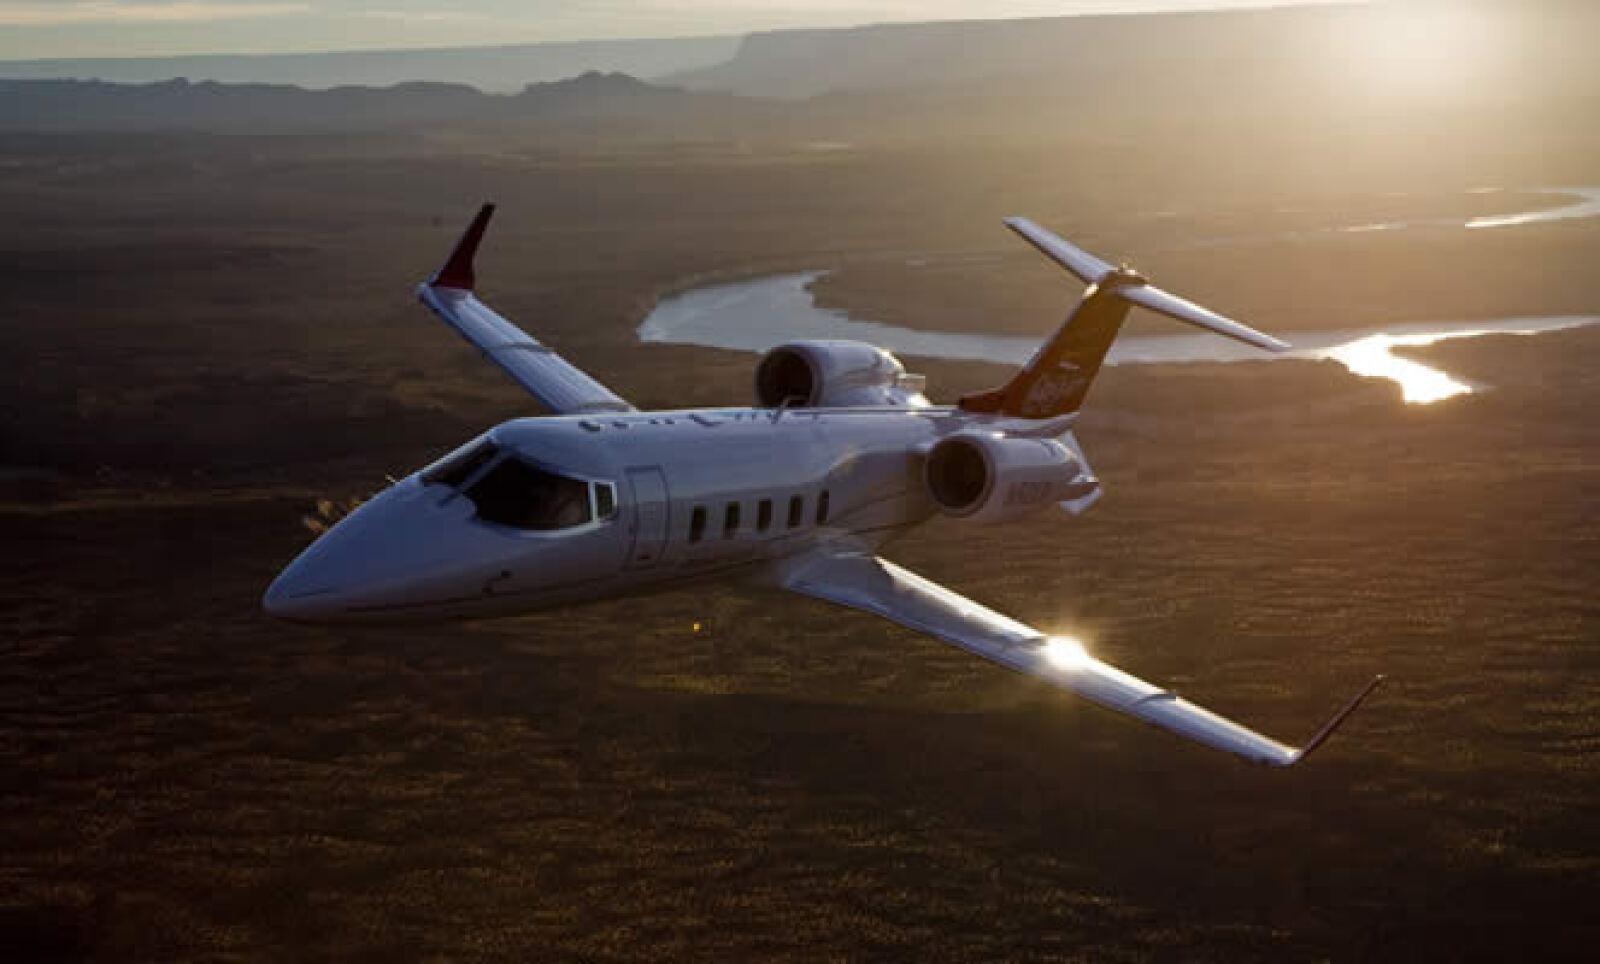 La empresa canadiense fabricante de trenes y aviones, Bombardier, nos muestra una de sus joyas, el Learjet 60 XR.